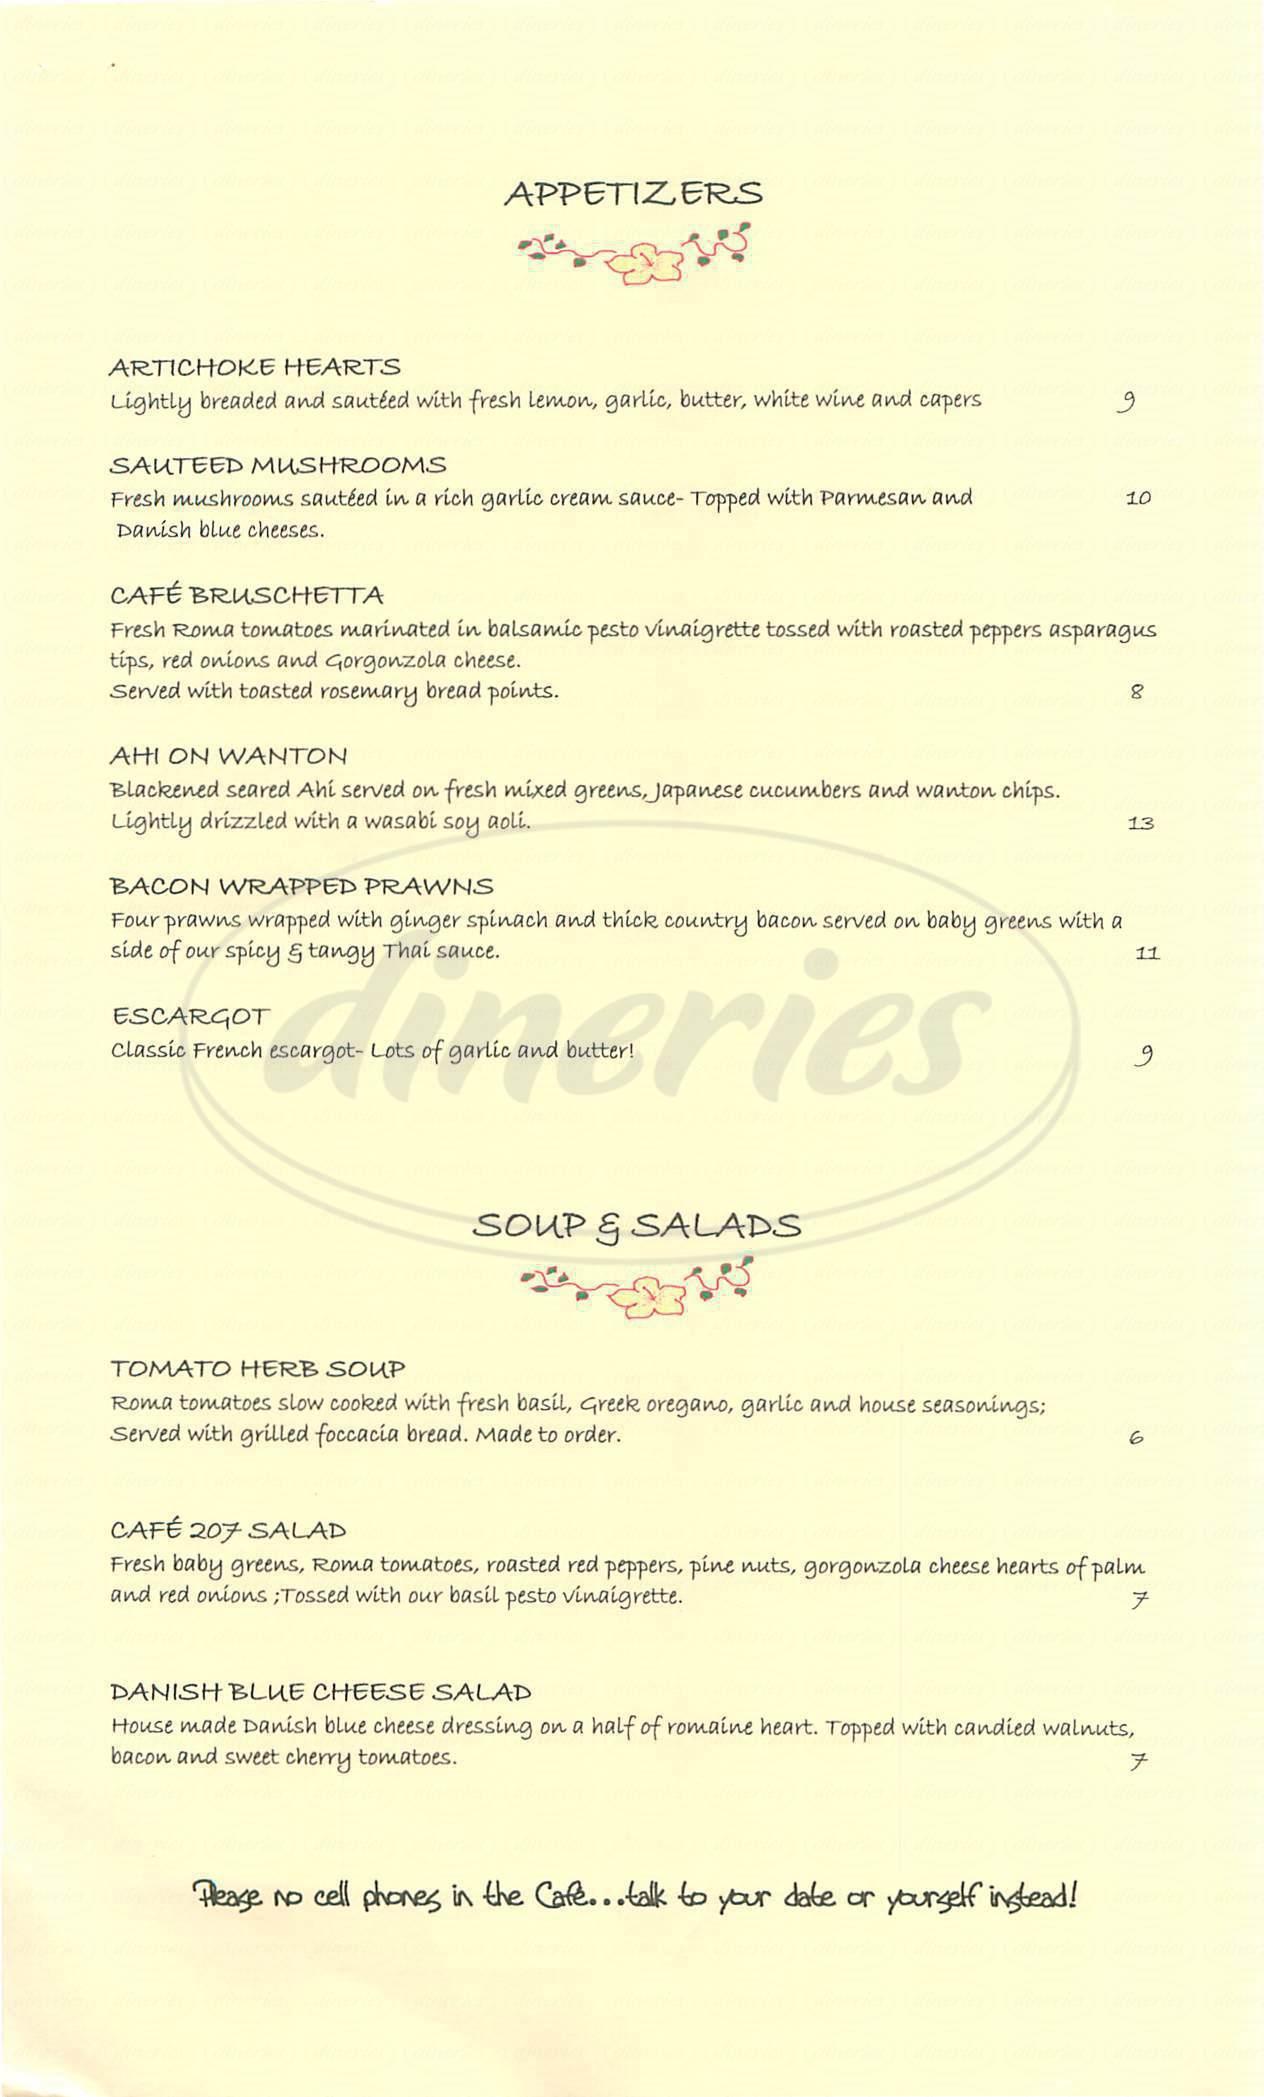 menu for Café 207